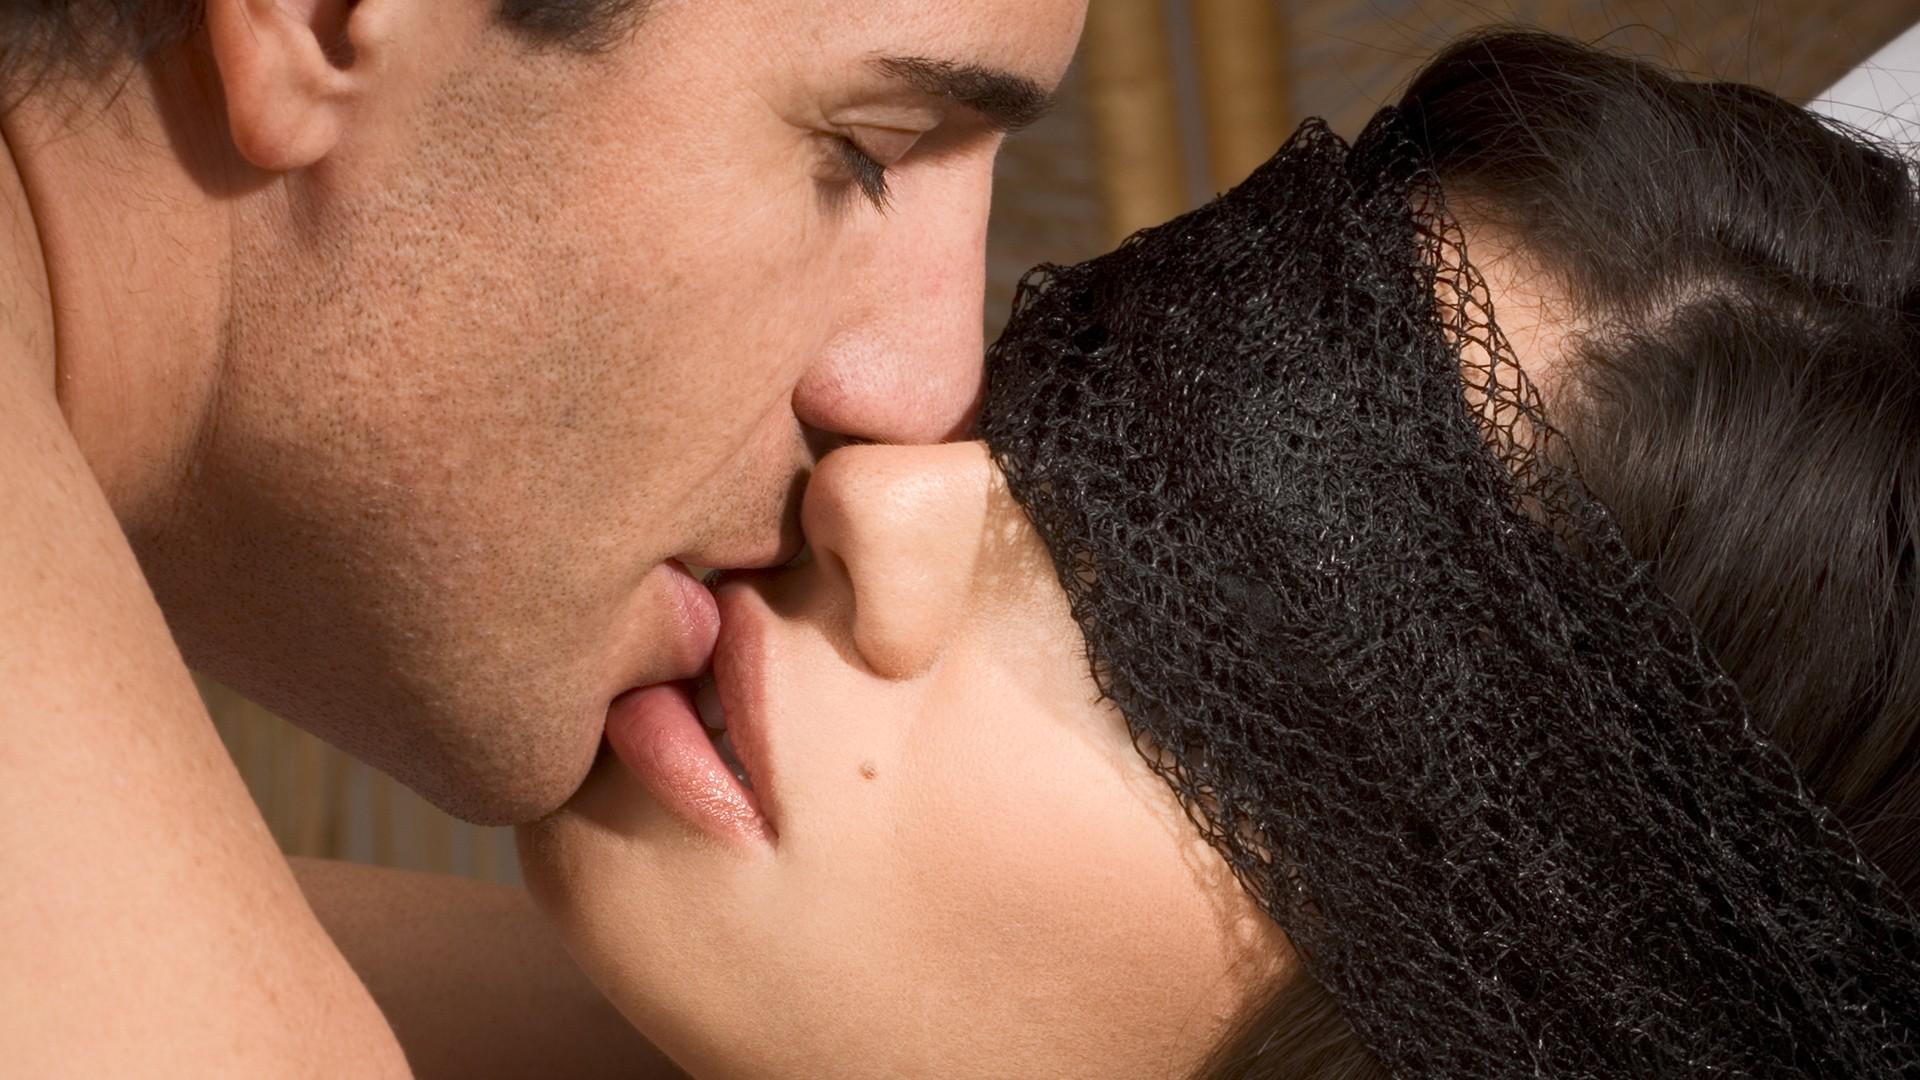 Няня віка порно  Похожие видео Лесбиянки Порно